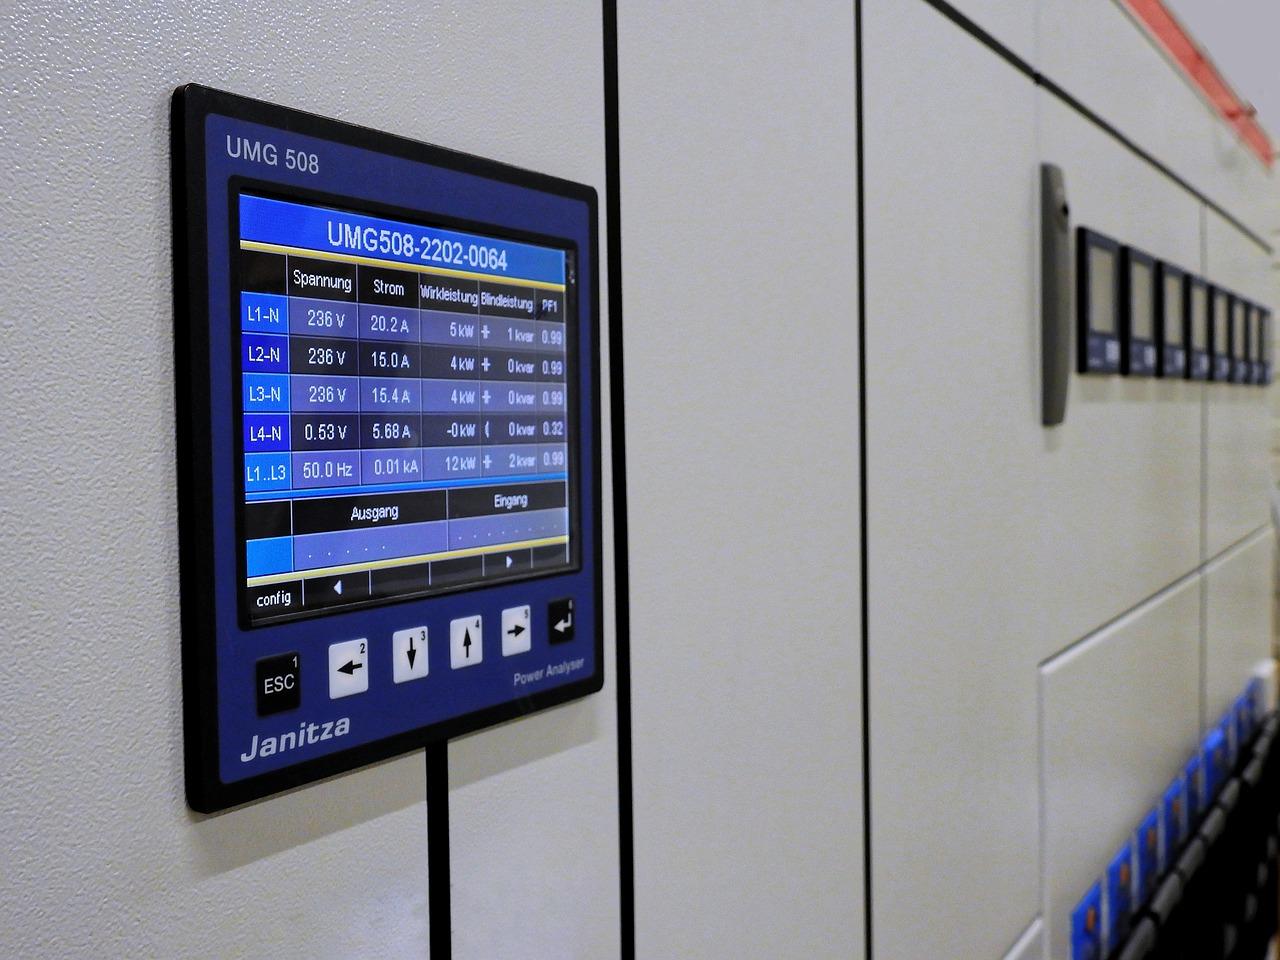 Szafy i pulpity sterownicze: niezbędnym wyposażeniem nowoczesnych fabryk